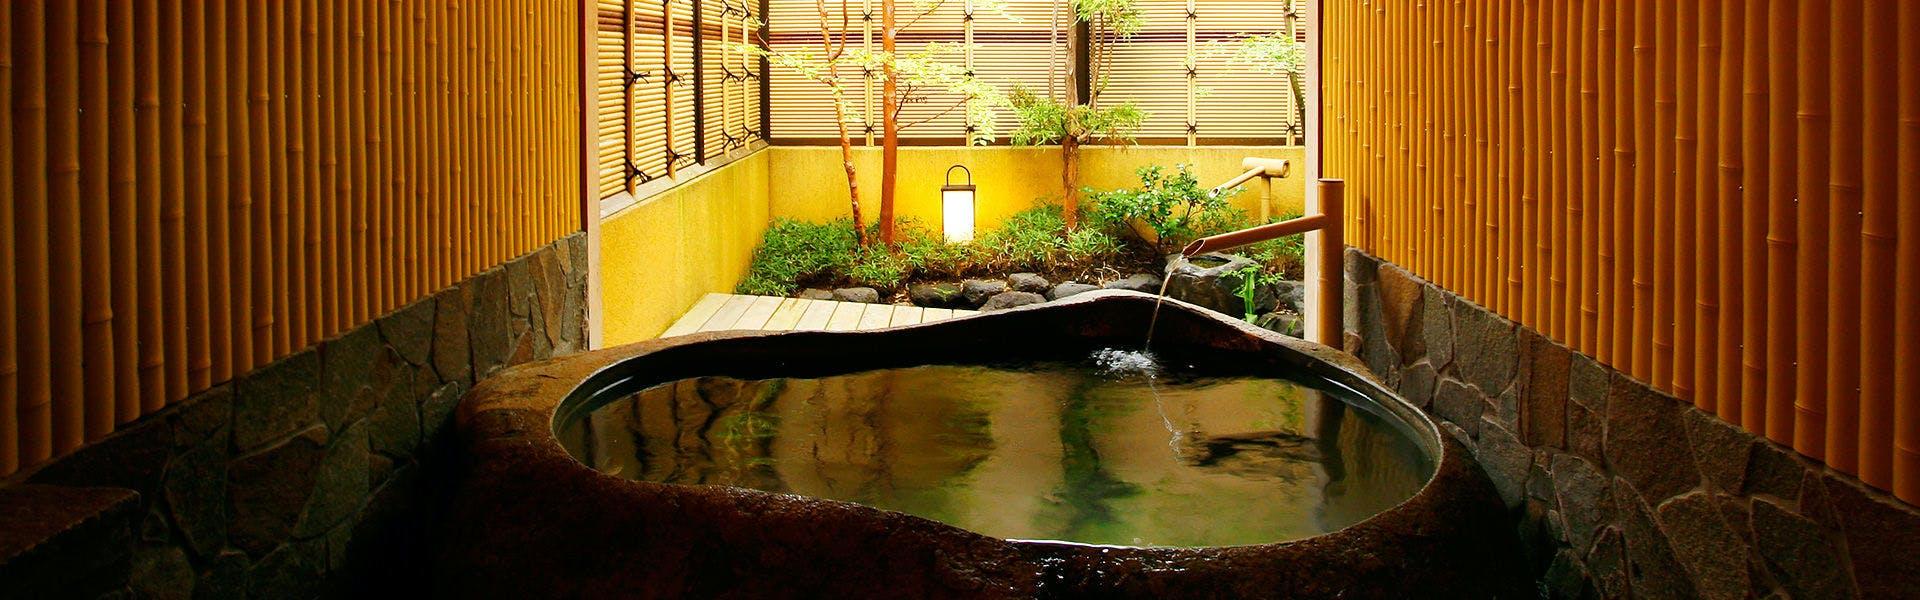 記念日におすすめのホテル・【やぎさわ荘】 の空室状況を確認するの写真2